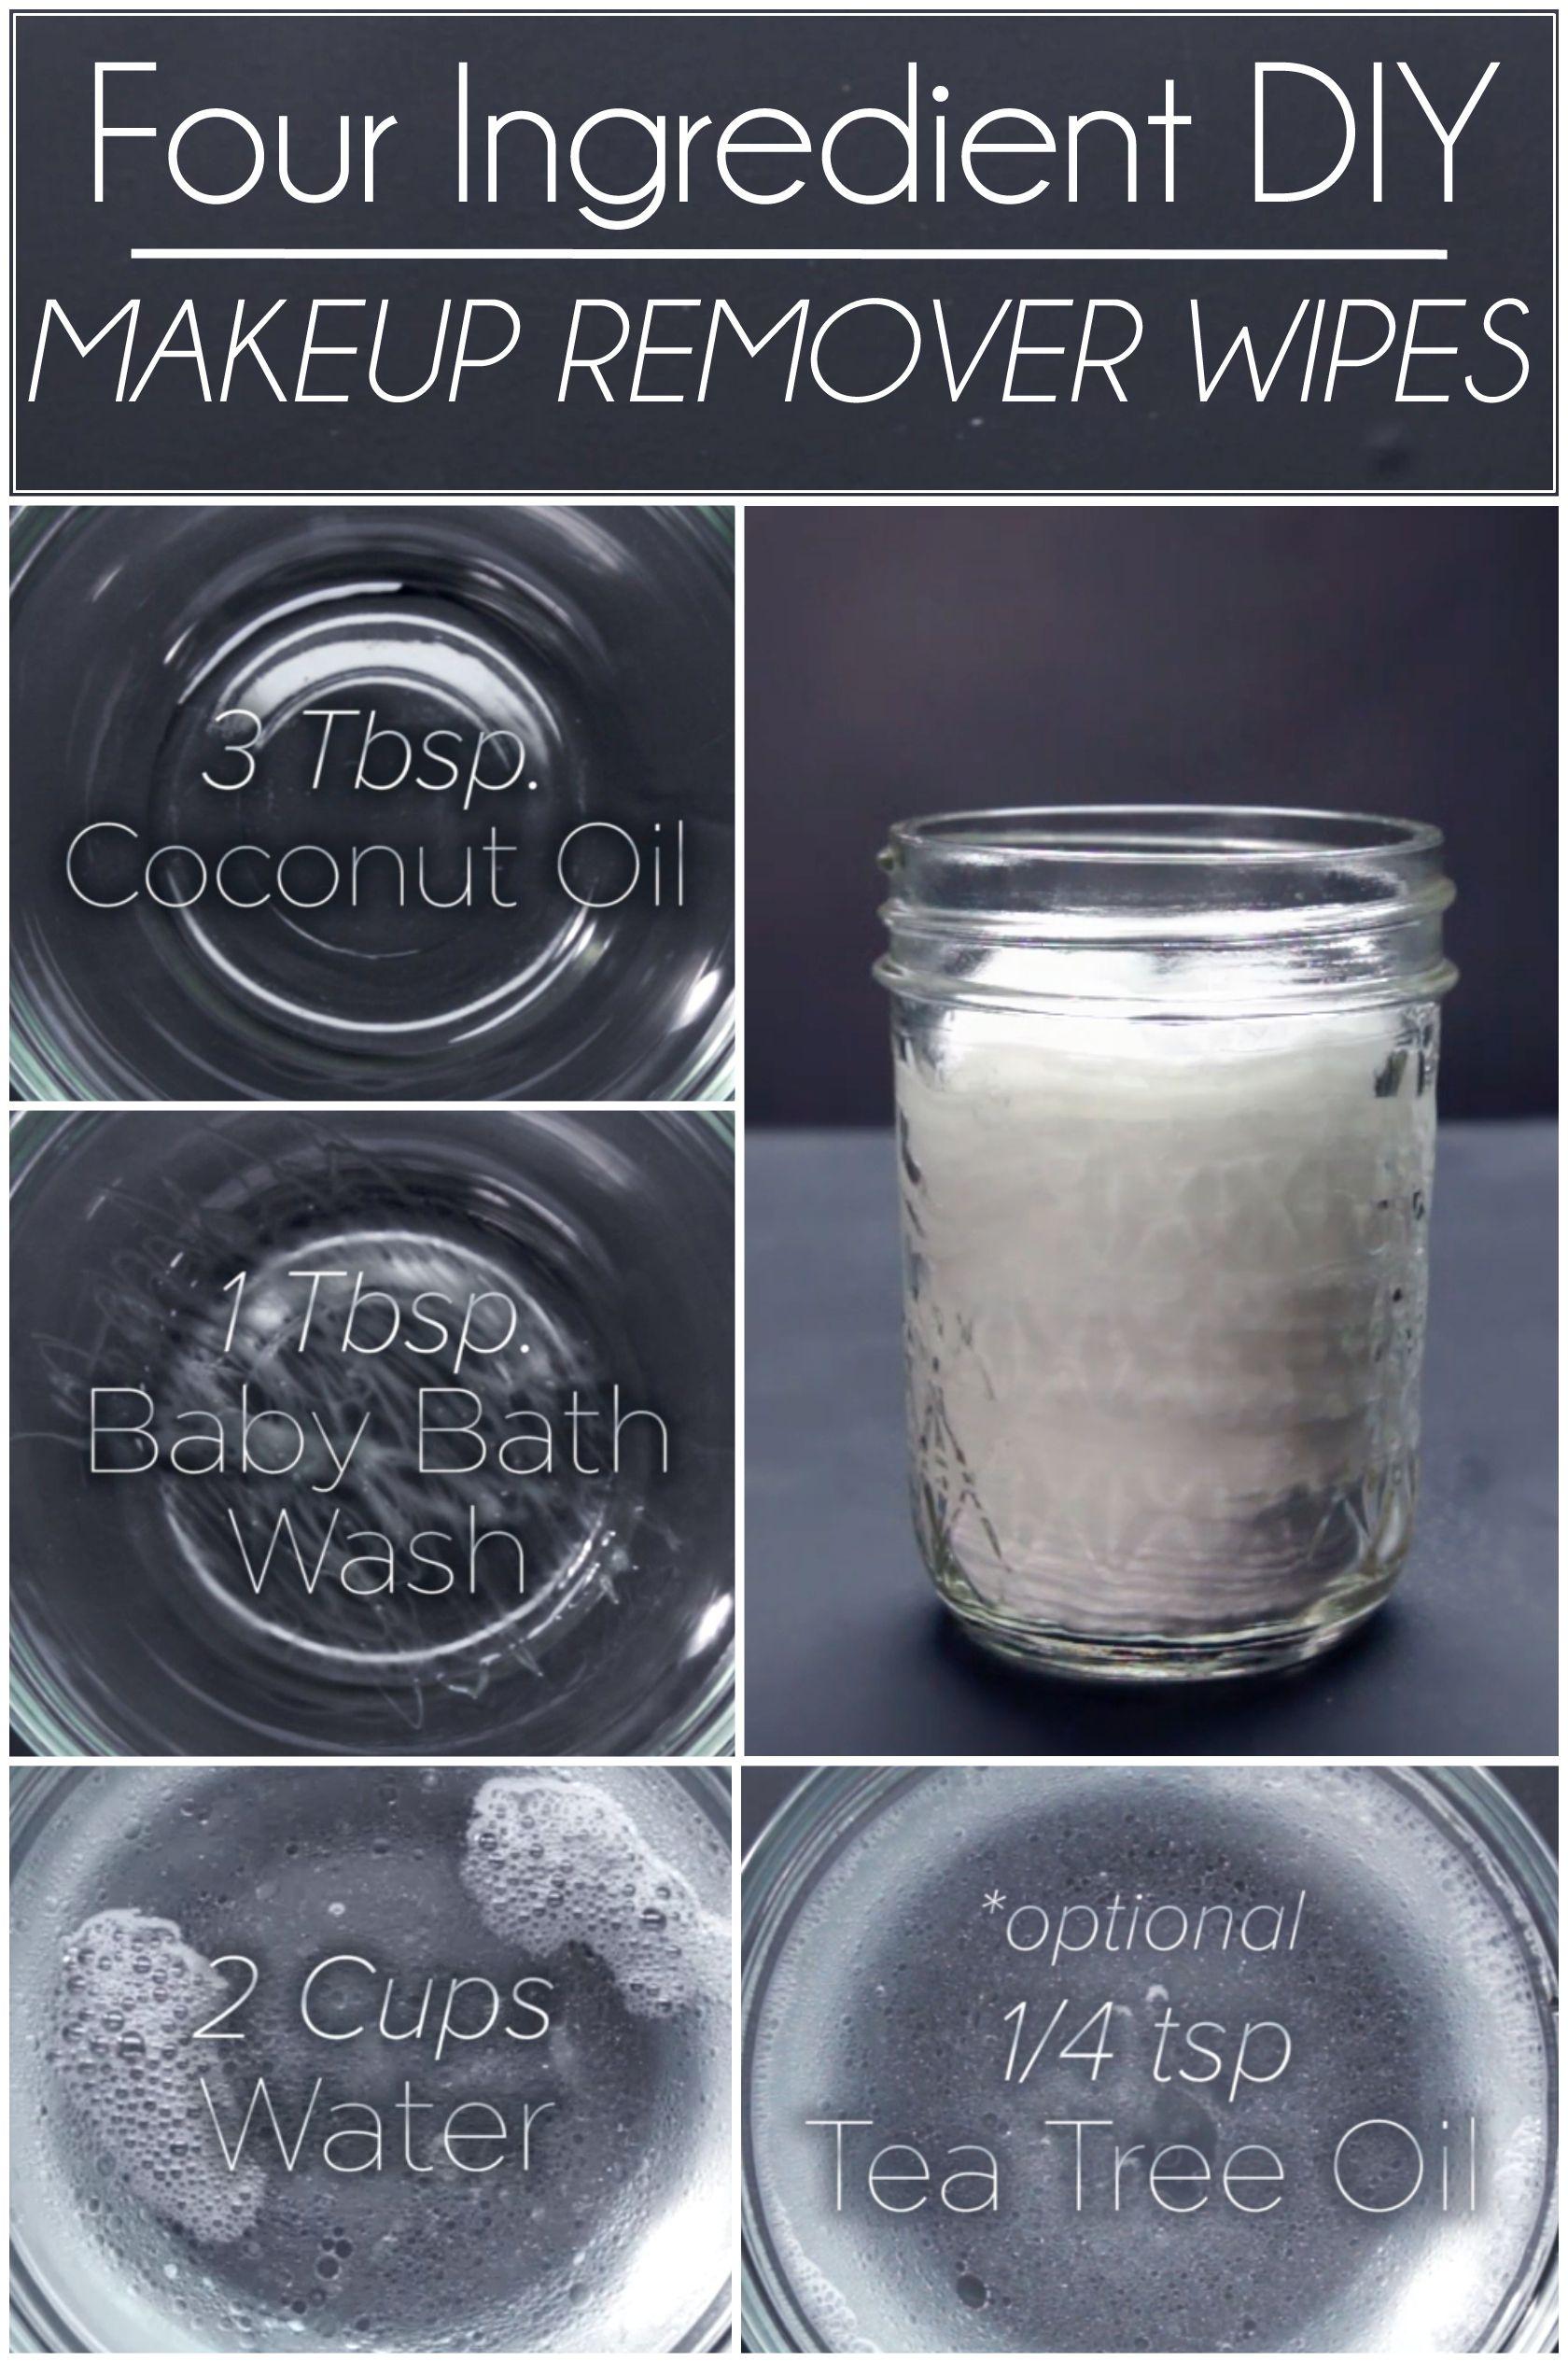 die besten 25 schminke entferner ideen auf pinterest diy make up entferner kokos l make up. Black Bedroom Furniture Sets. Home Design Ideas